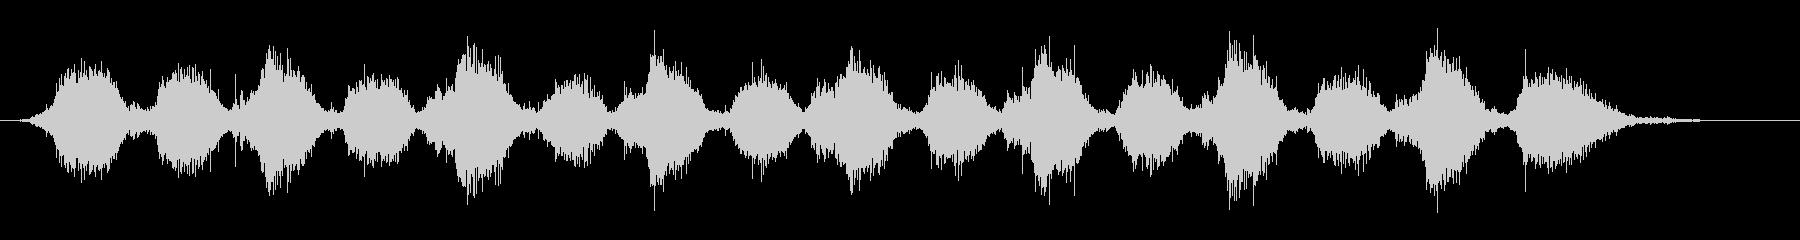 ゴシゴシ(お風呂掃除デッキブラシの音)Aの未再生の波形